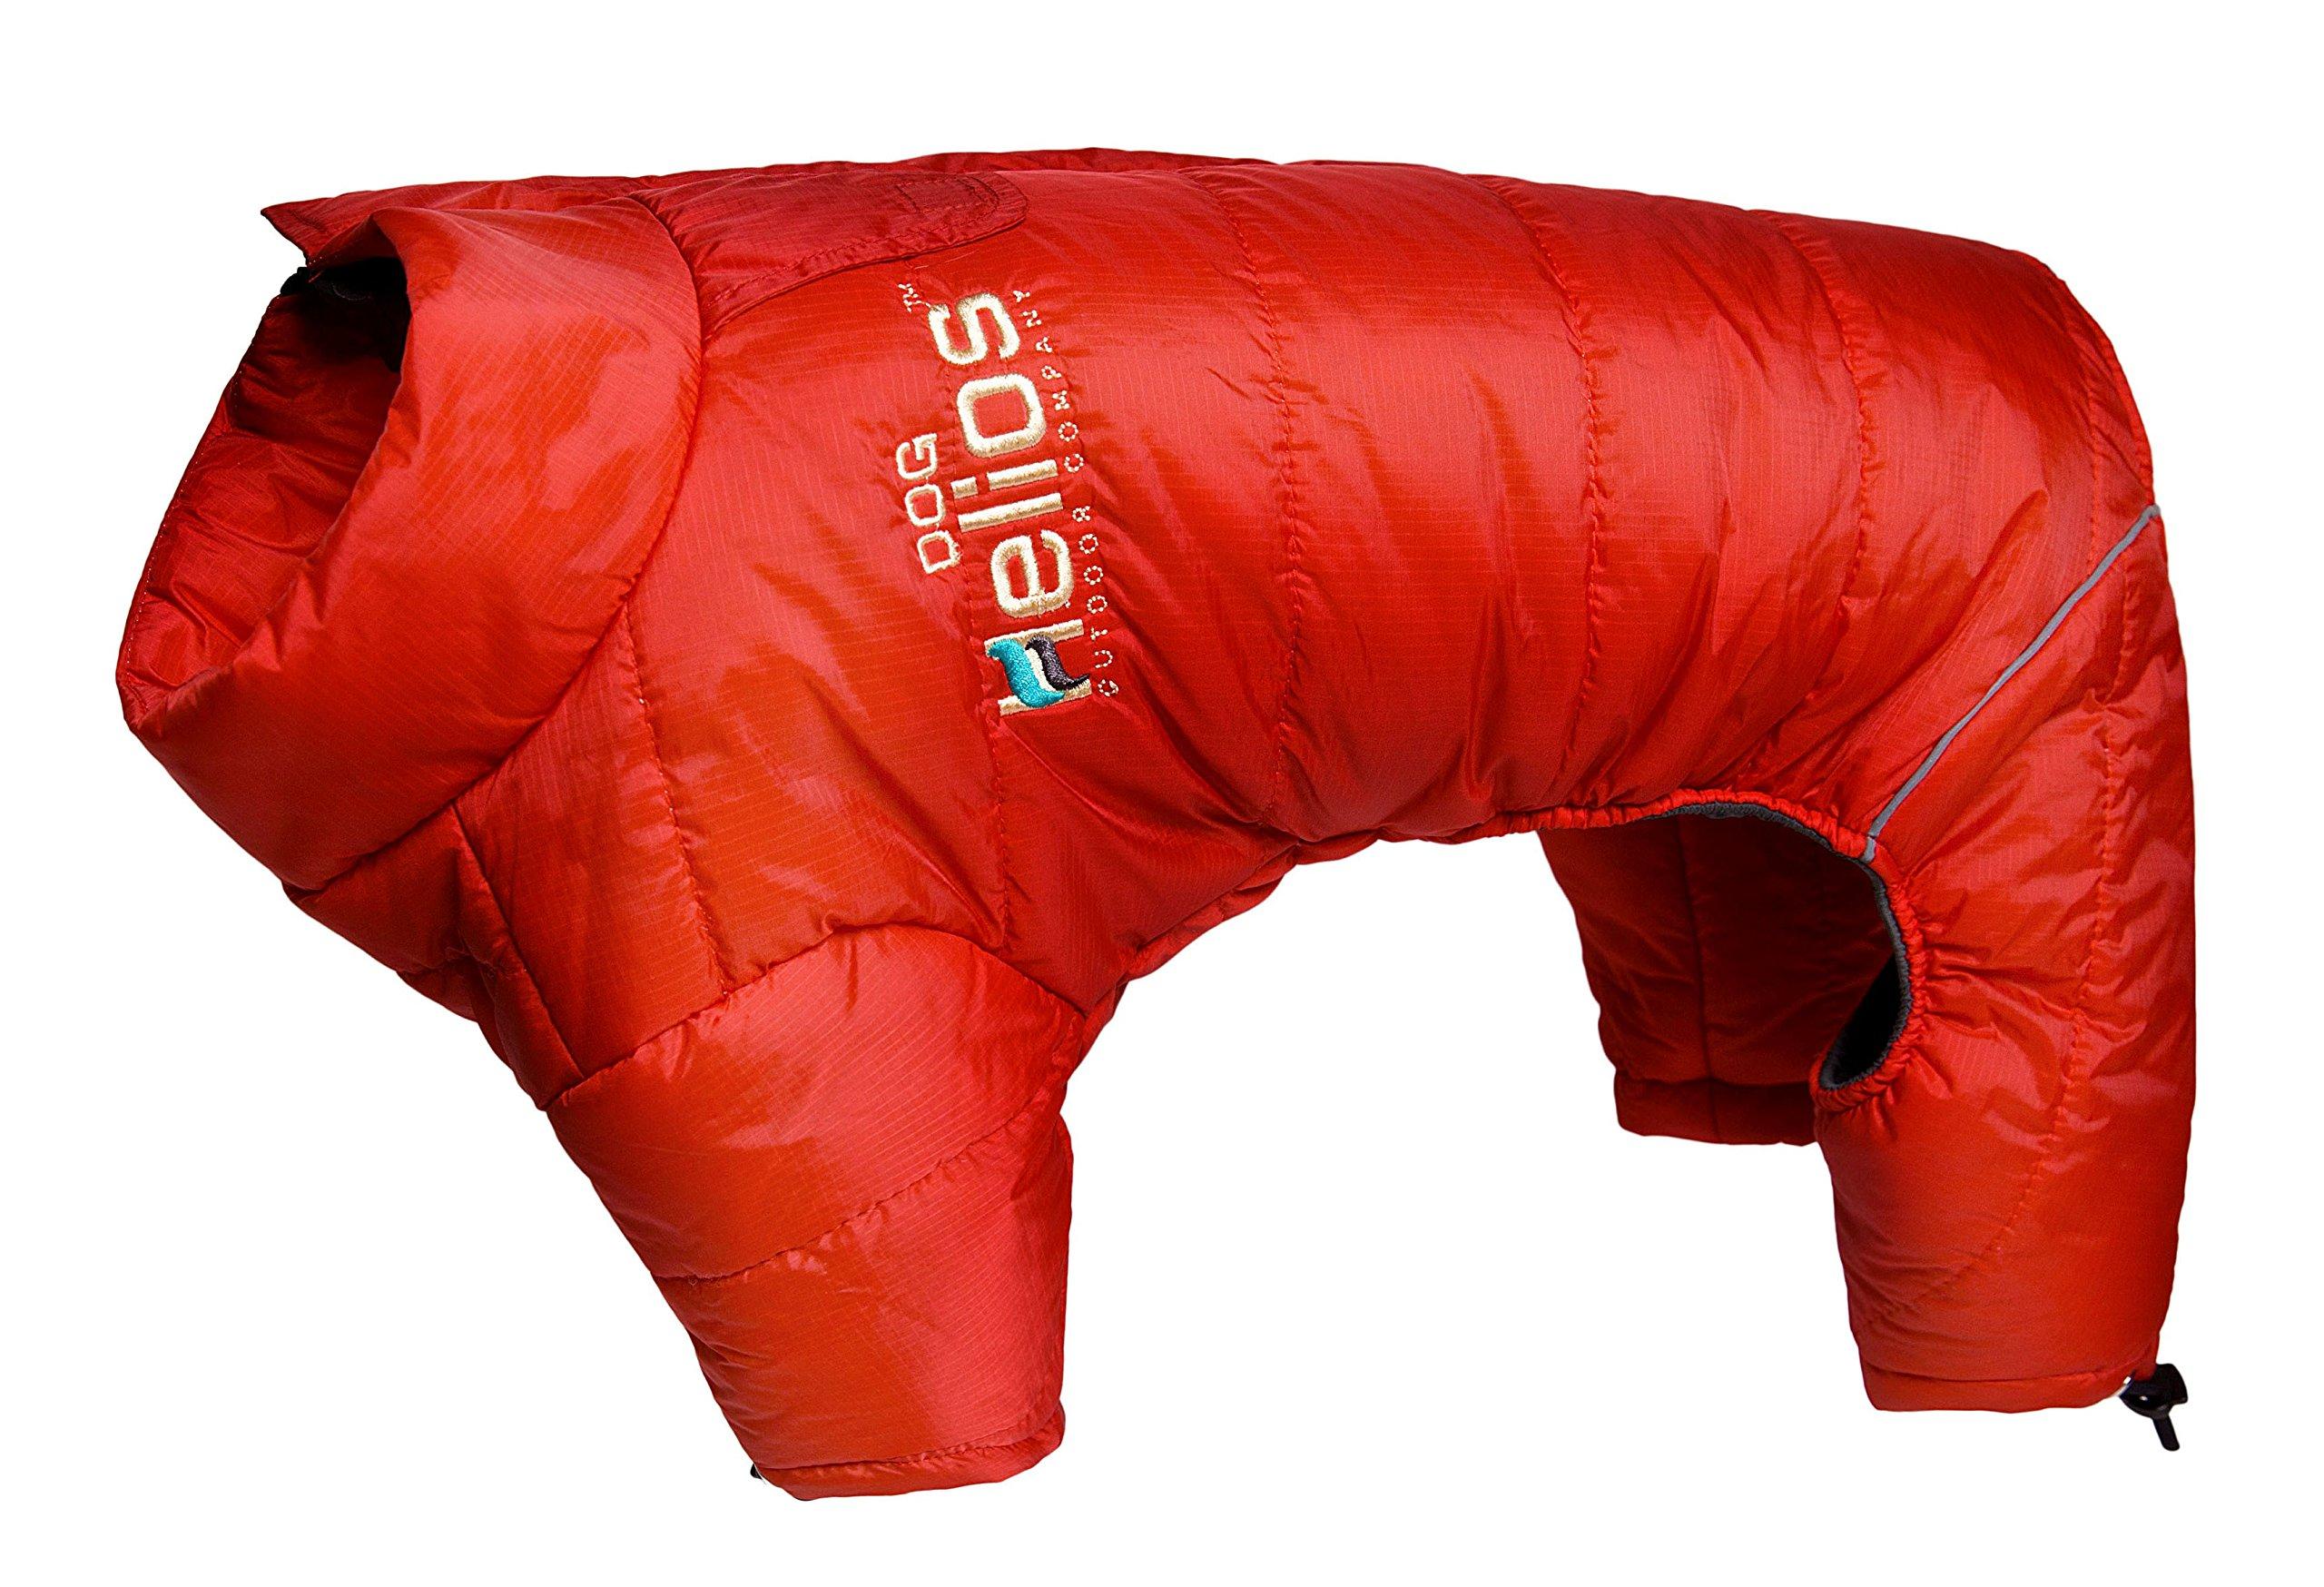 DogHelios Thunder-crackle Full-Body Waded-Plush Adjustable and 3M Reflective Dog Jacket, X-Large, Grenadine Red